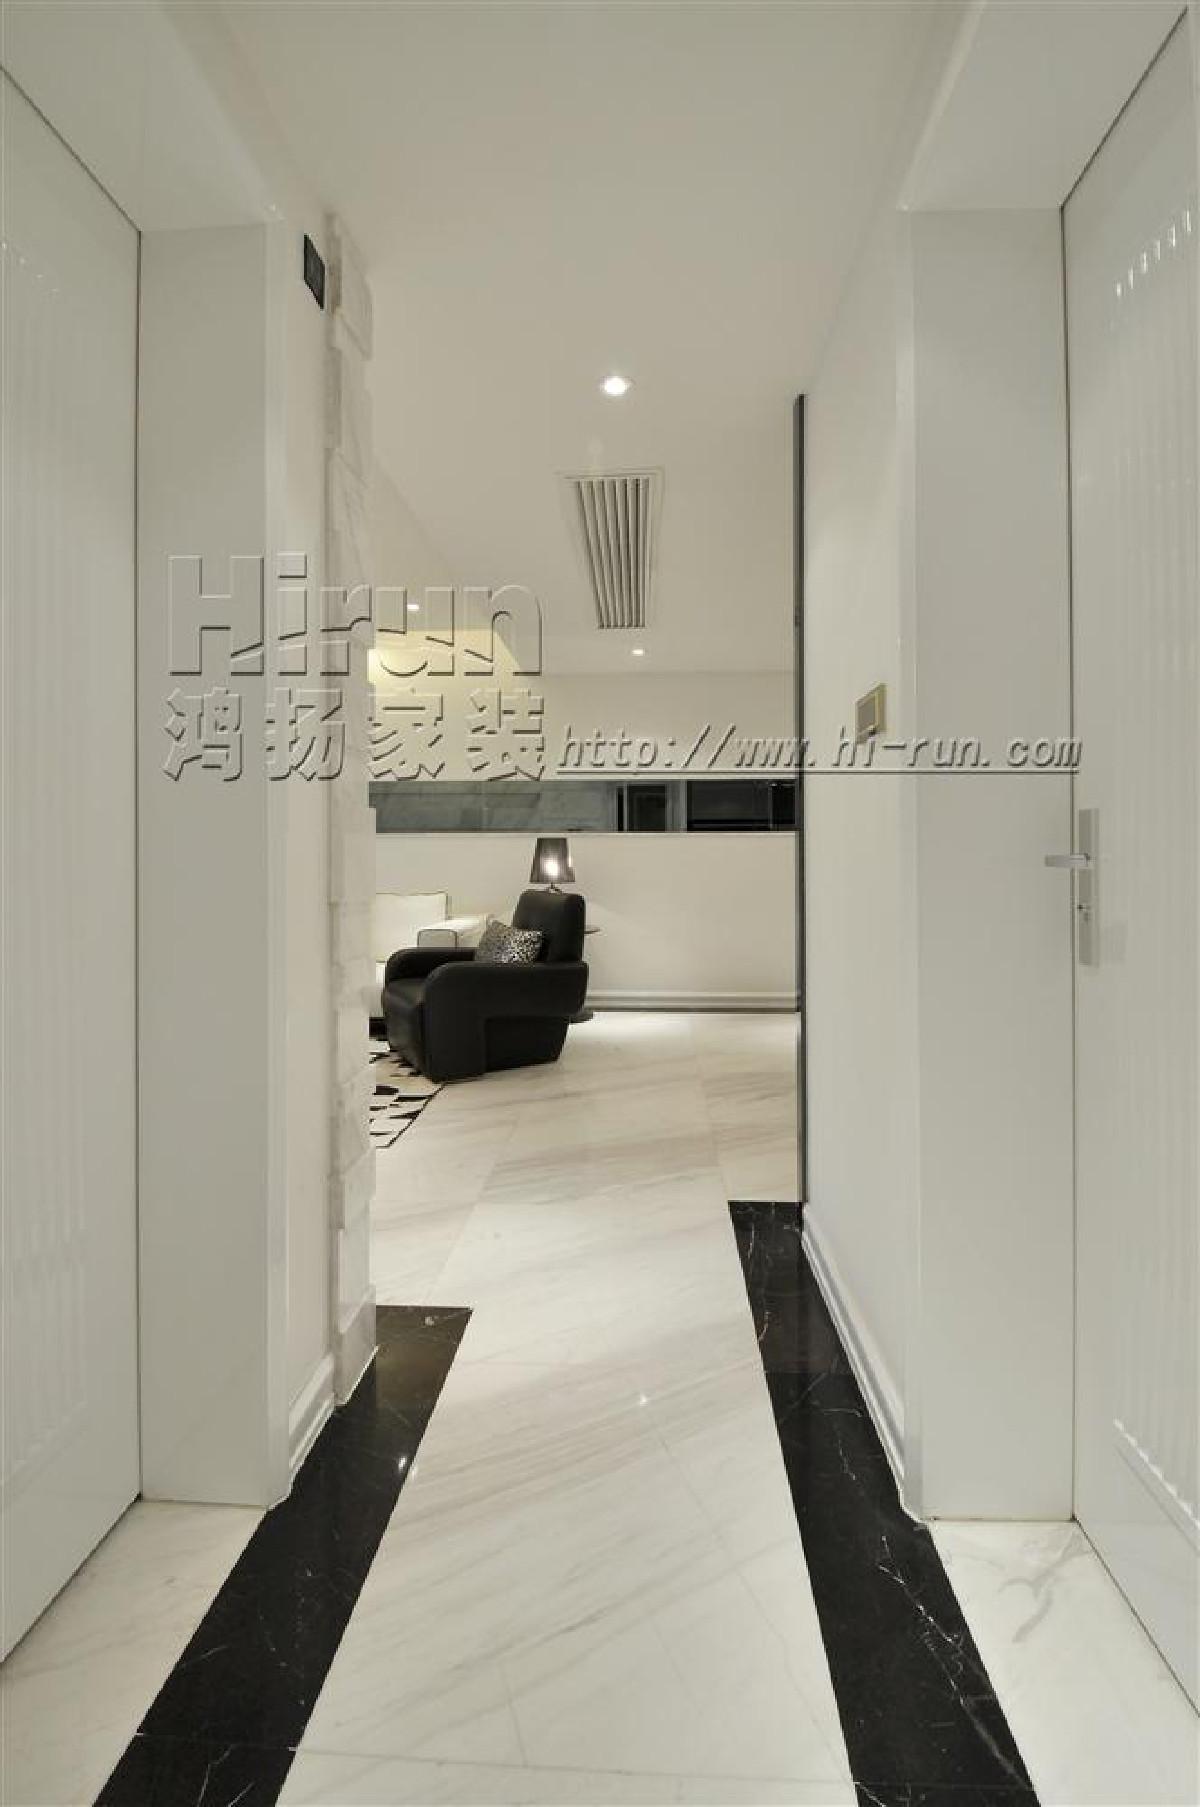 浅色的墙面,简化的欧式古典线条。较为简洁但仍严谨的欧式空间构图。